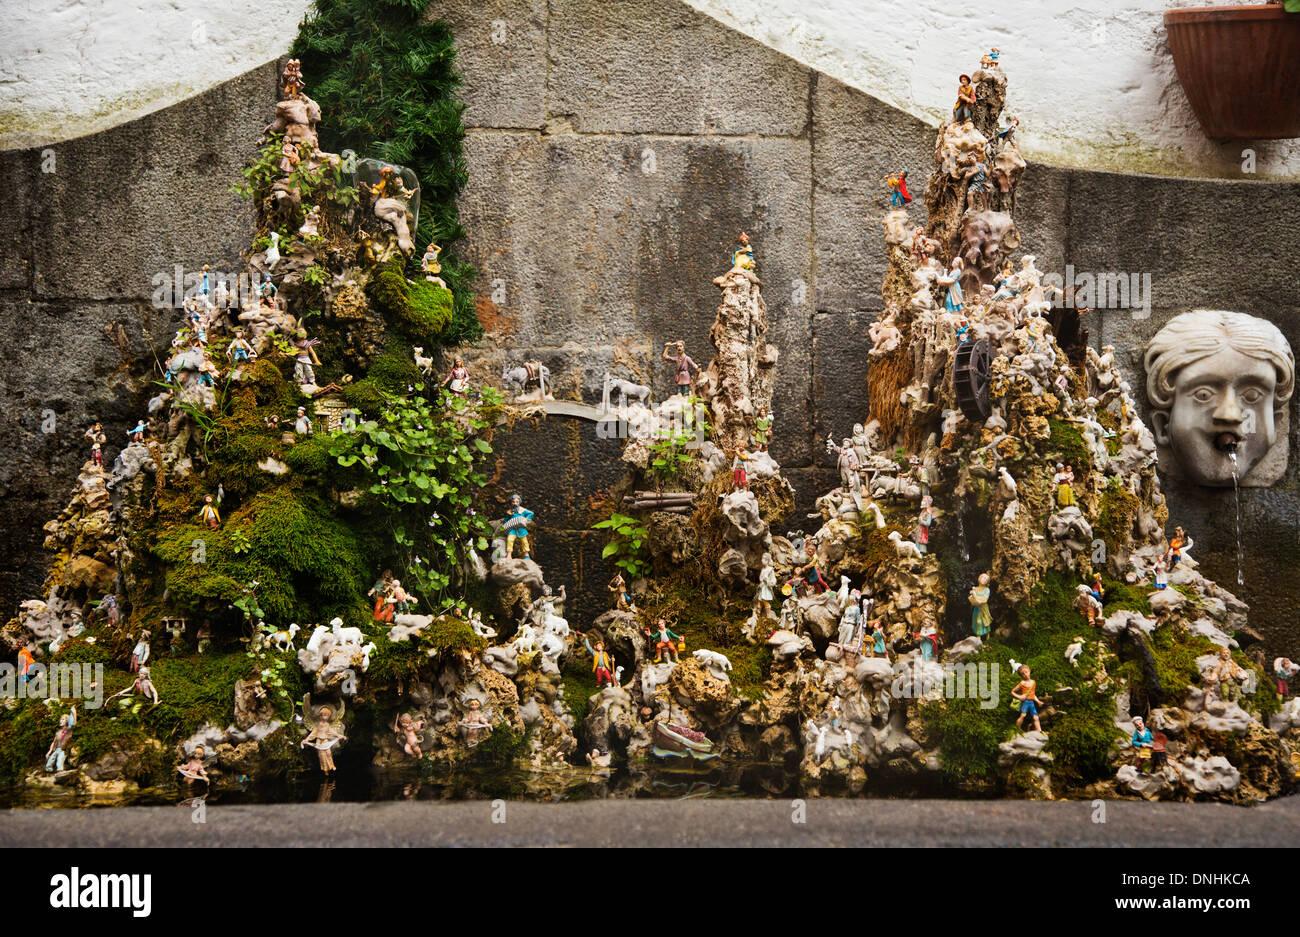 Fontaine miniature, Amalfi, Province de Salerne, Campanie, Italie Banque D'Images